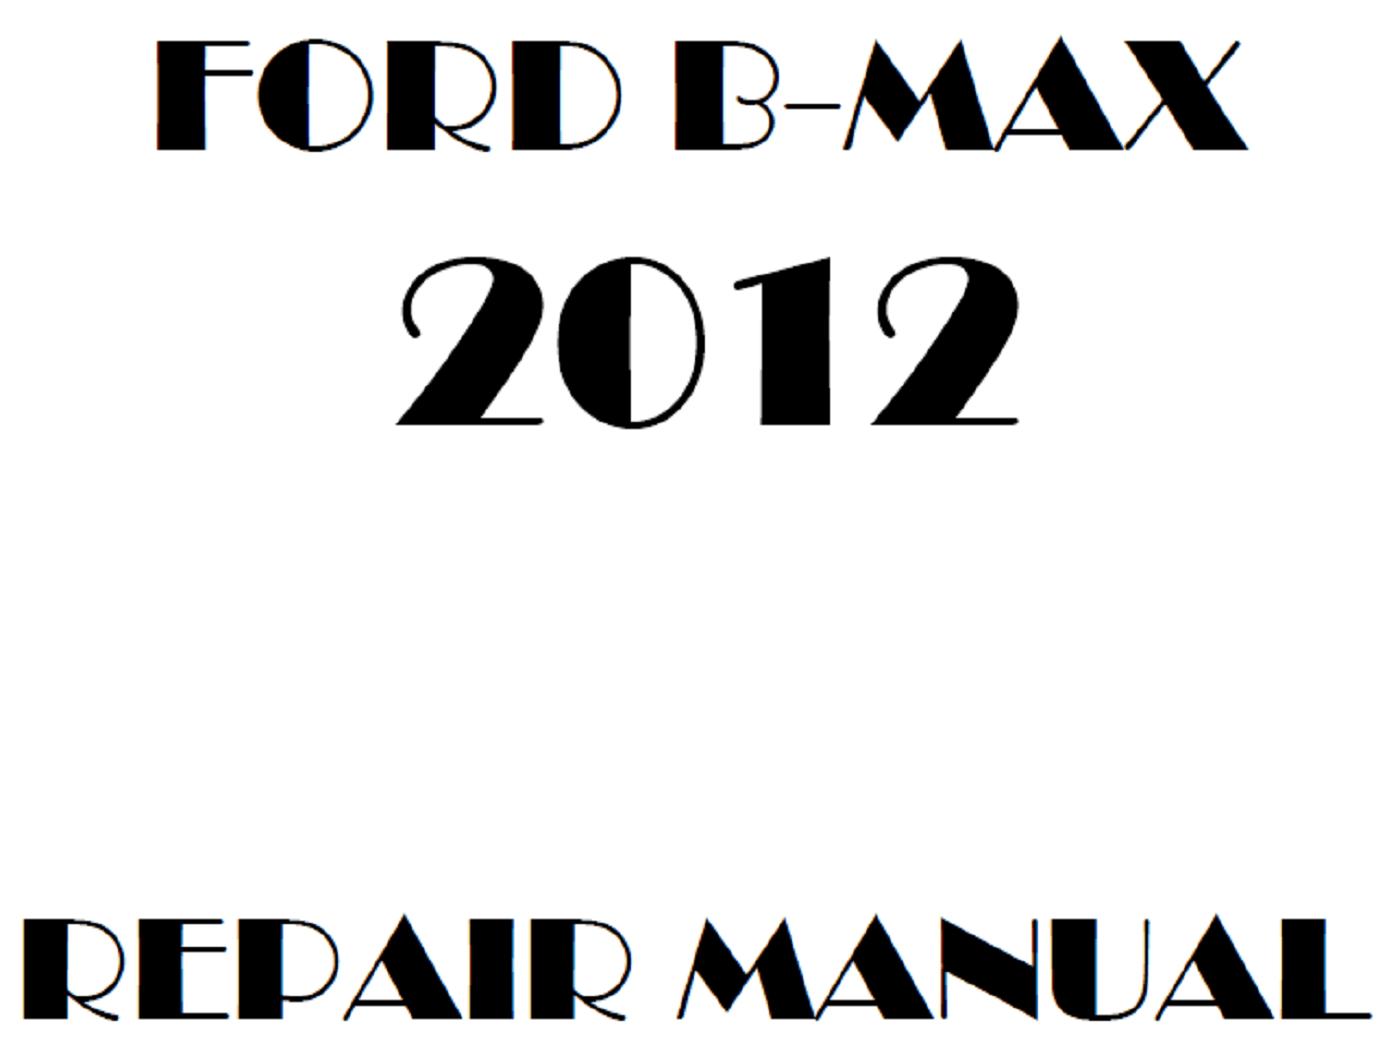 2012 Ford B-Max repair manual